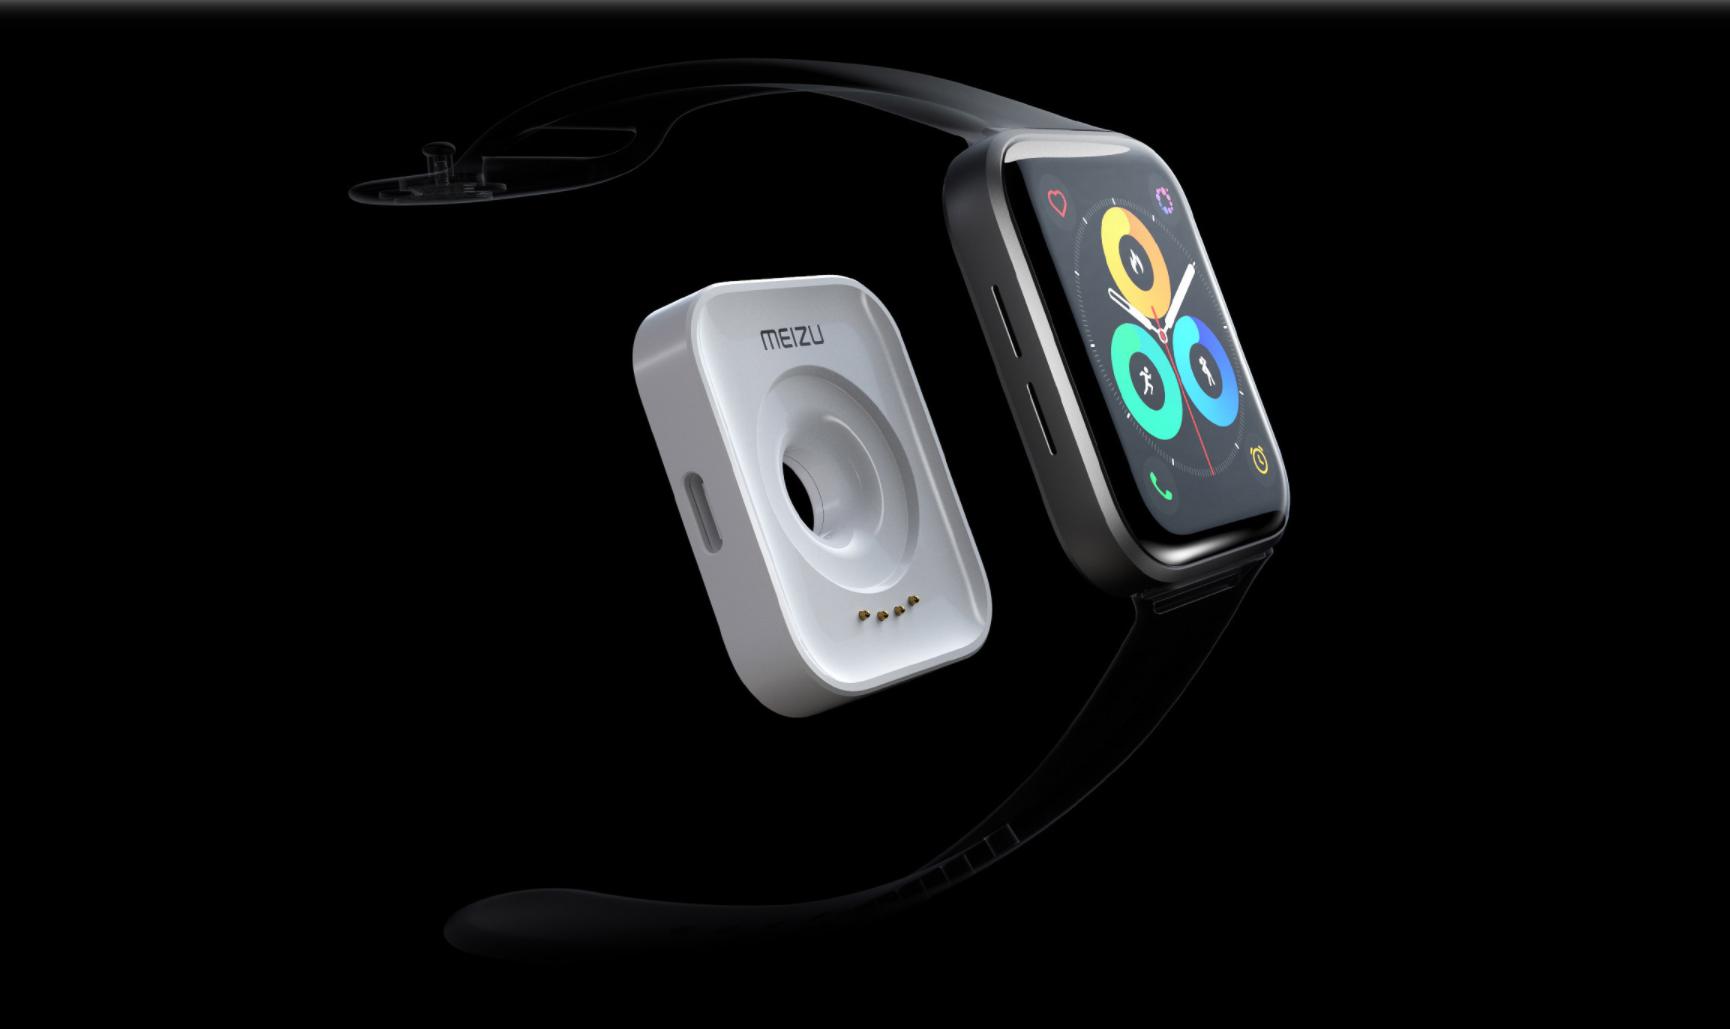 1499元开卖:魅族全智能手表发布 手腕上的智能手机